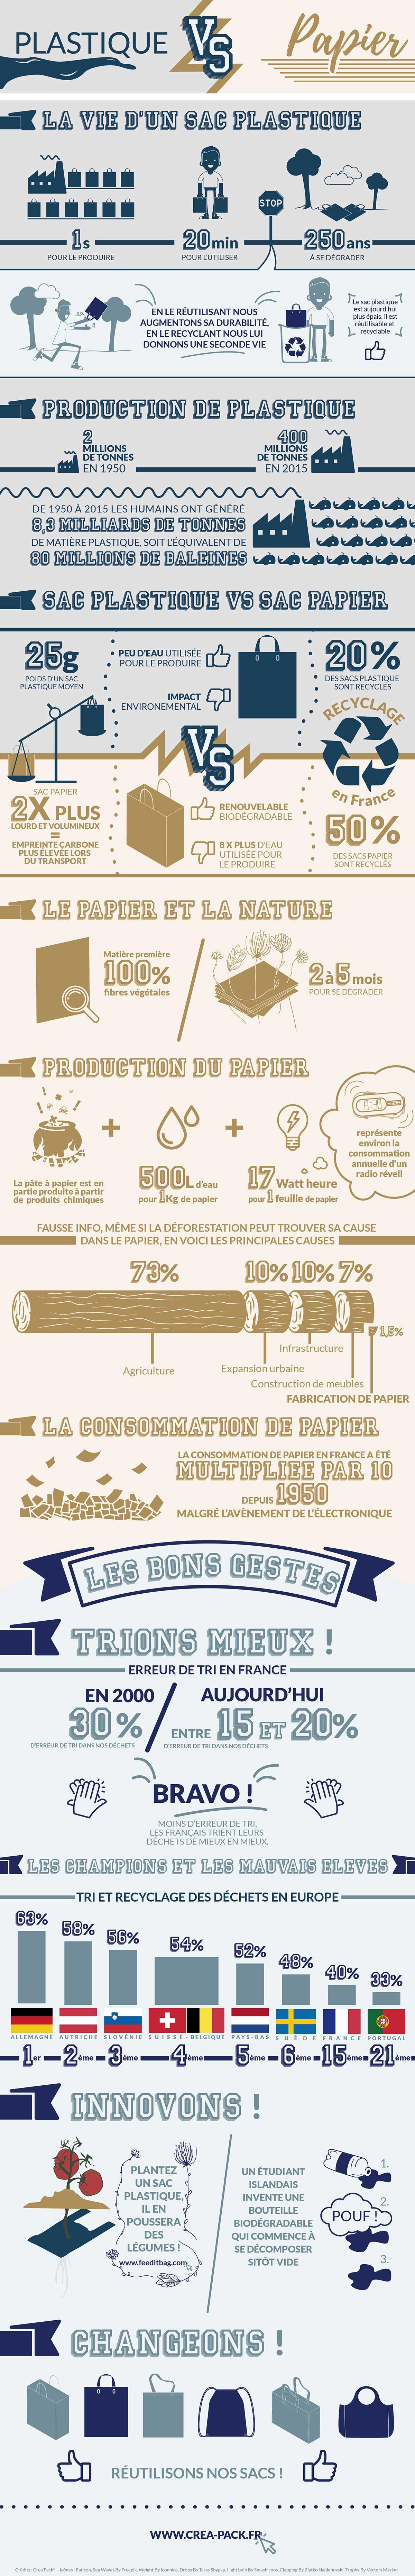 Infographie Plastique VS Papier